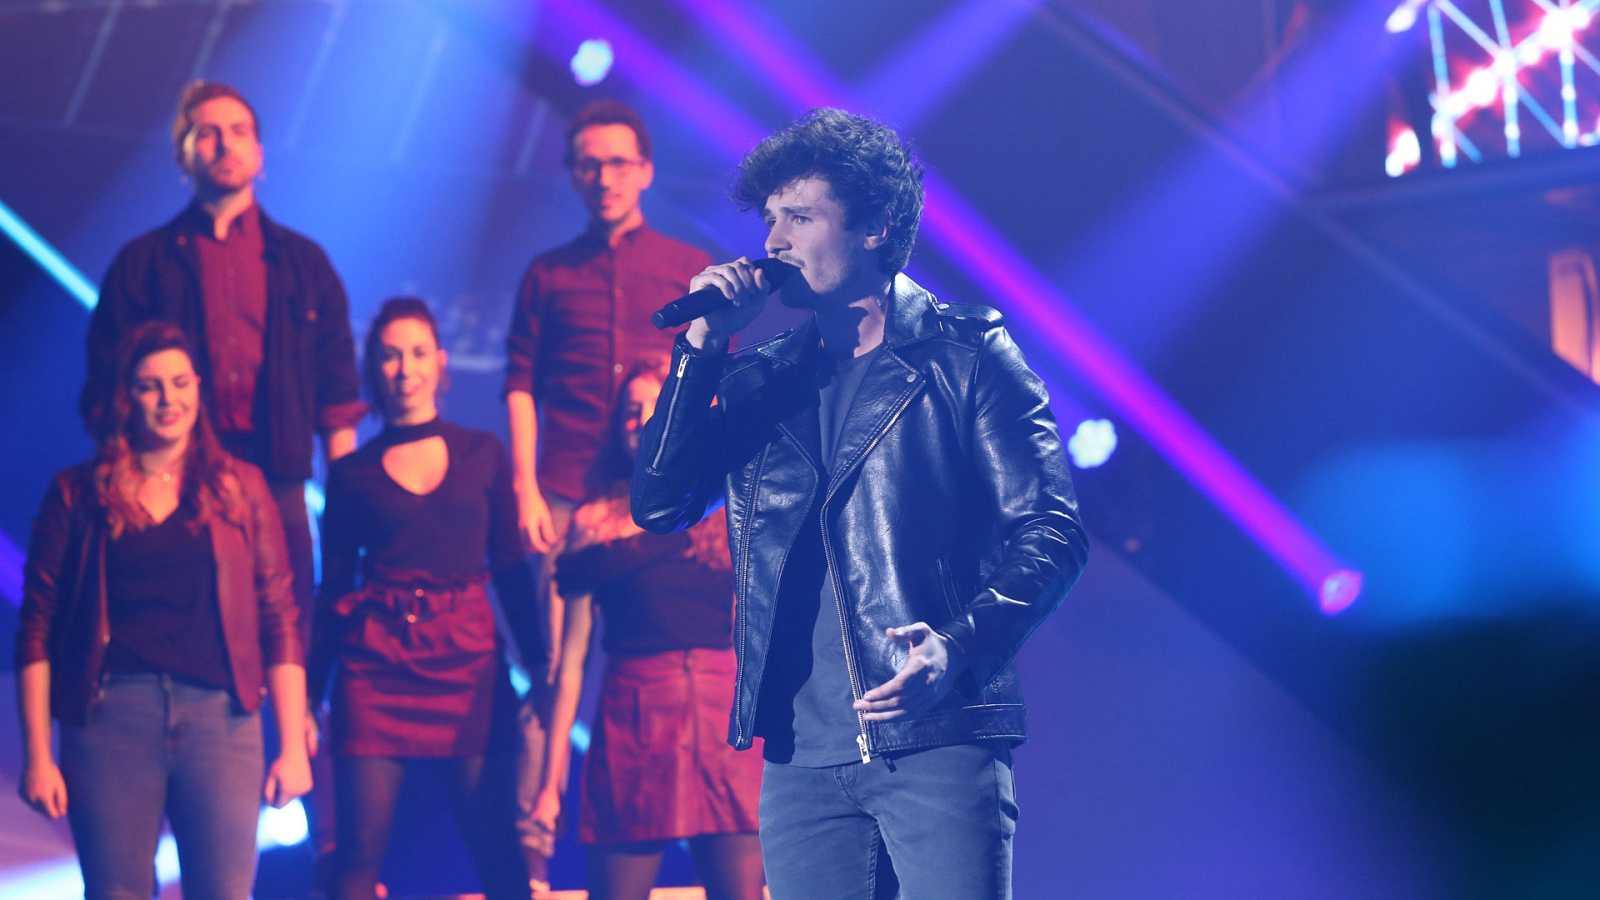 Miki representará a España en Eurovisión 2019 con